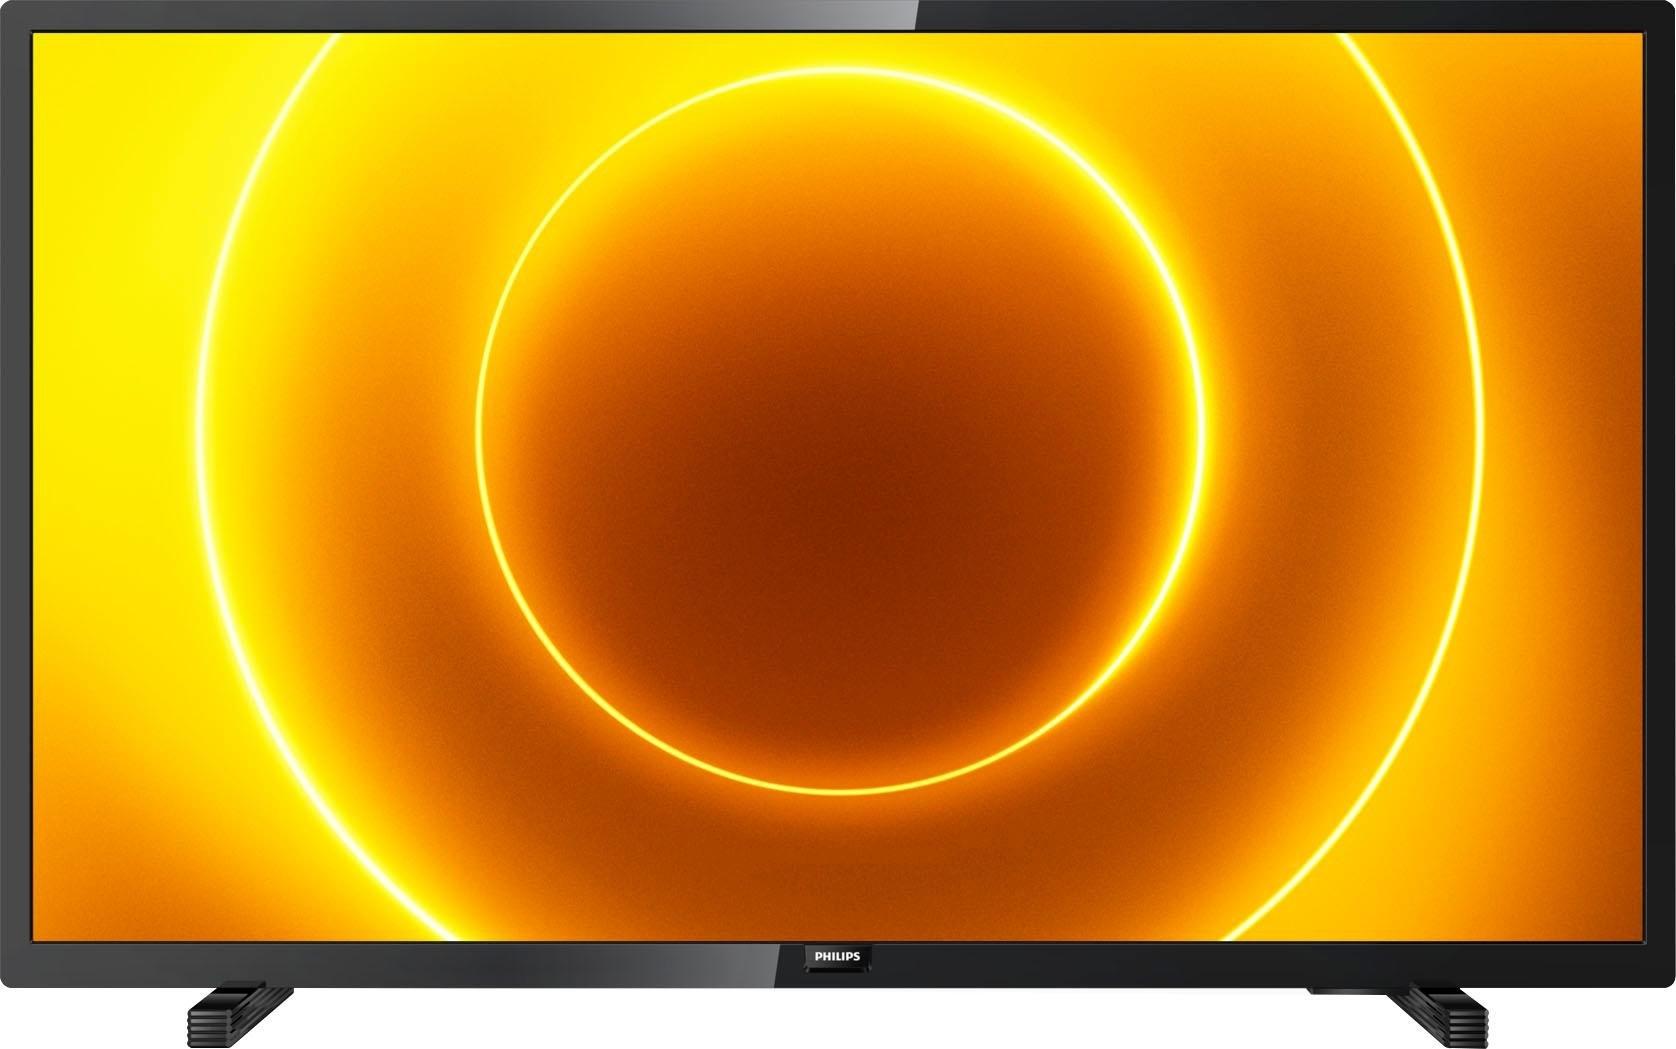 Philips »43PFS5525« LED-TV - gratis ruilen op otto.nl